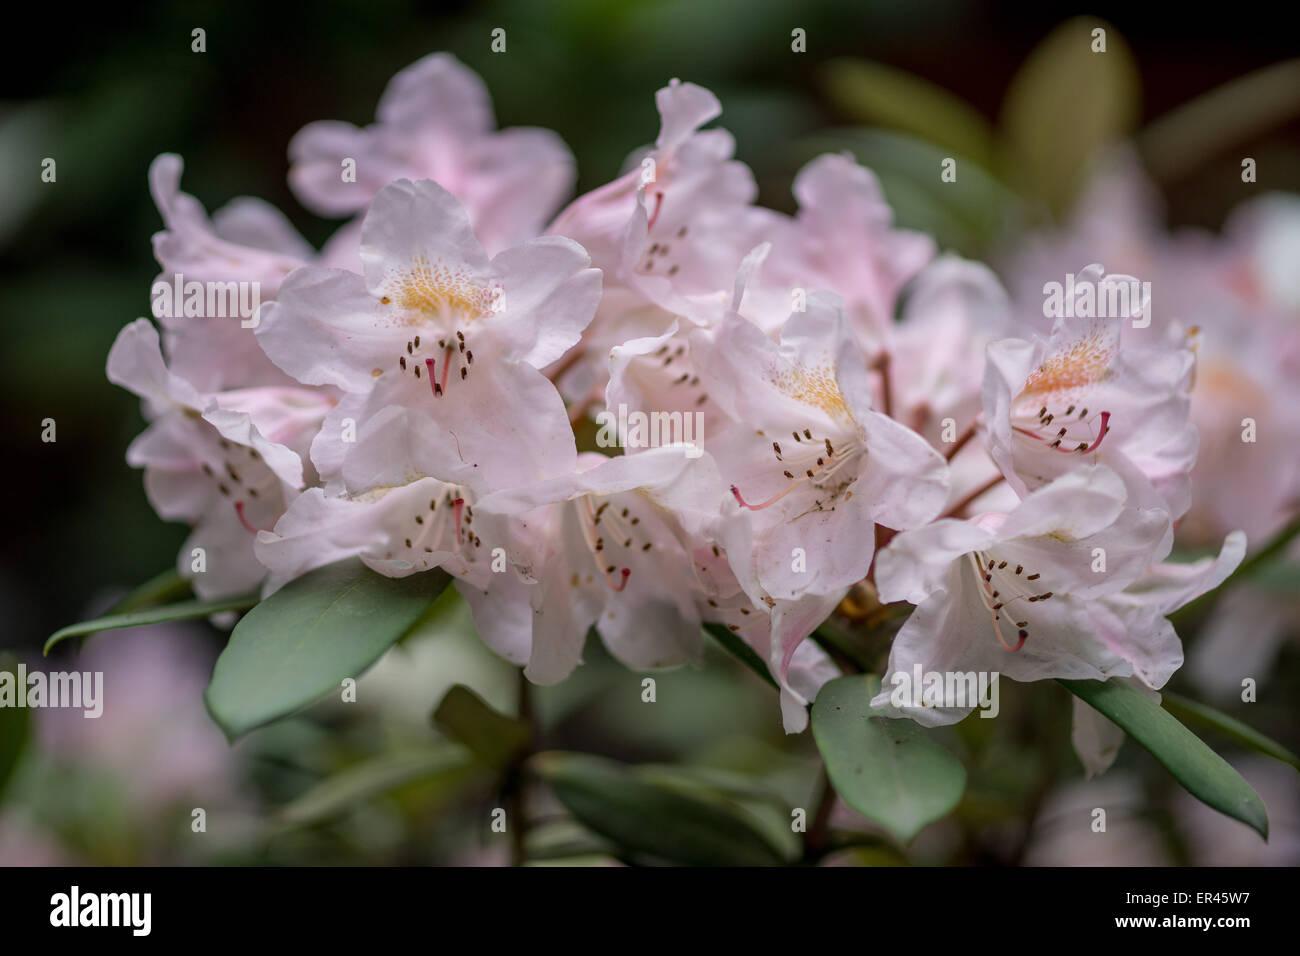 Colore rosa rododendro schivo fiori close up Immagini Stock